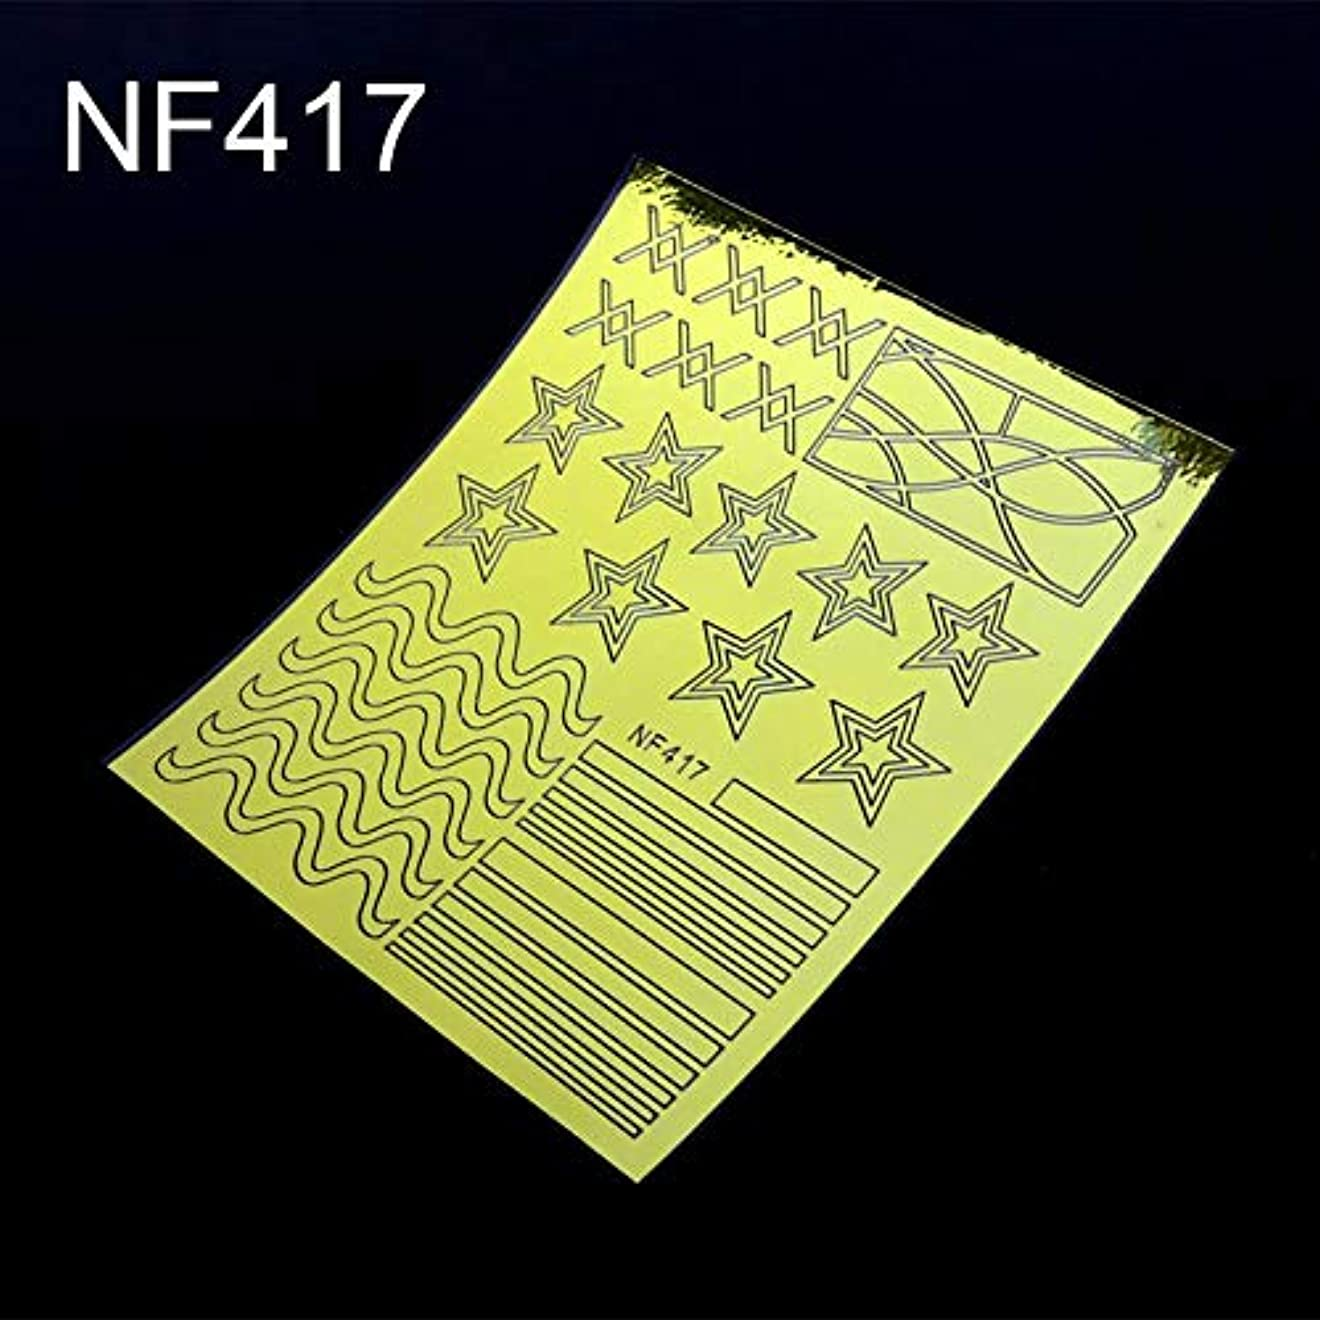 ロッド荒れ地本質的にSUKTI&XIAO ネイルステッカー パッケージネイルビニールステッカー不規則なグリッドパターンスタンピングのヒントネイルテンプレート中空ステッカーガイド、Nf417